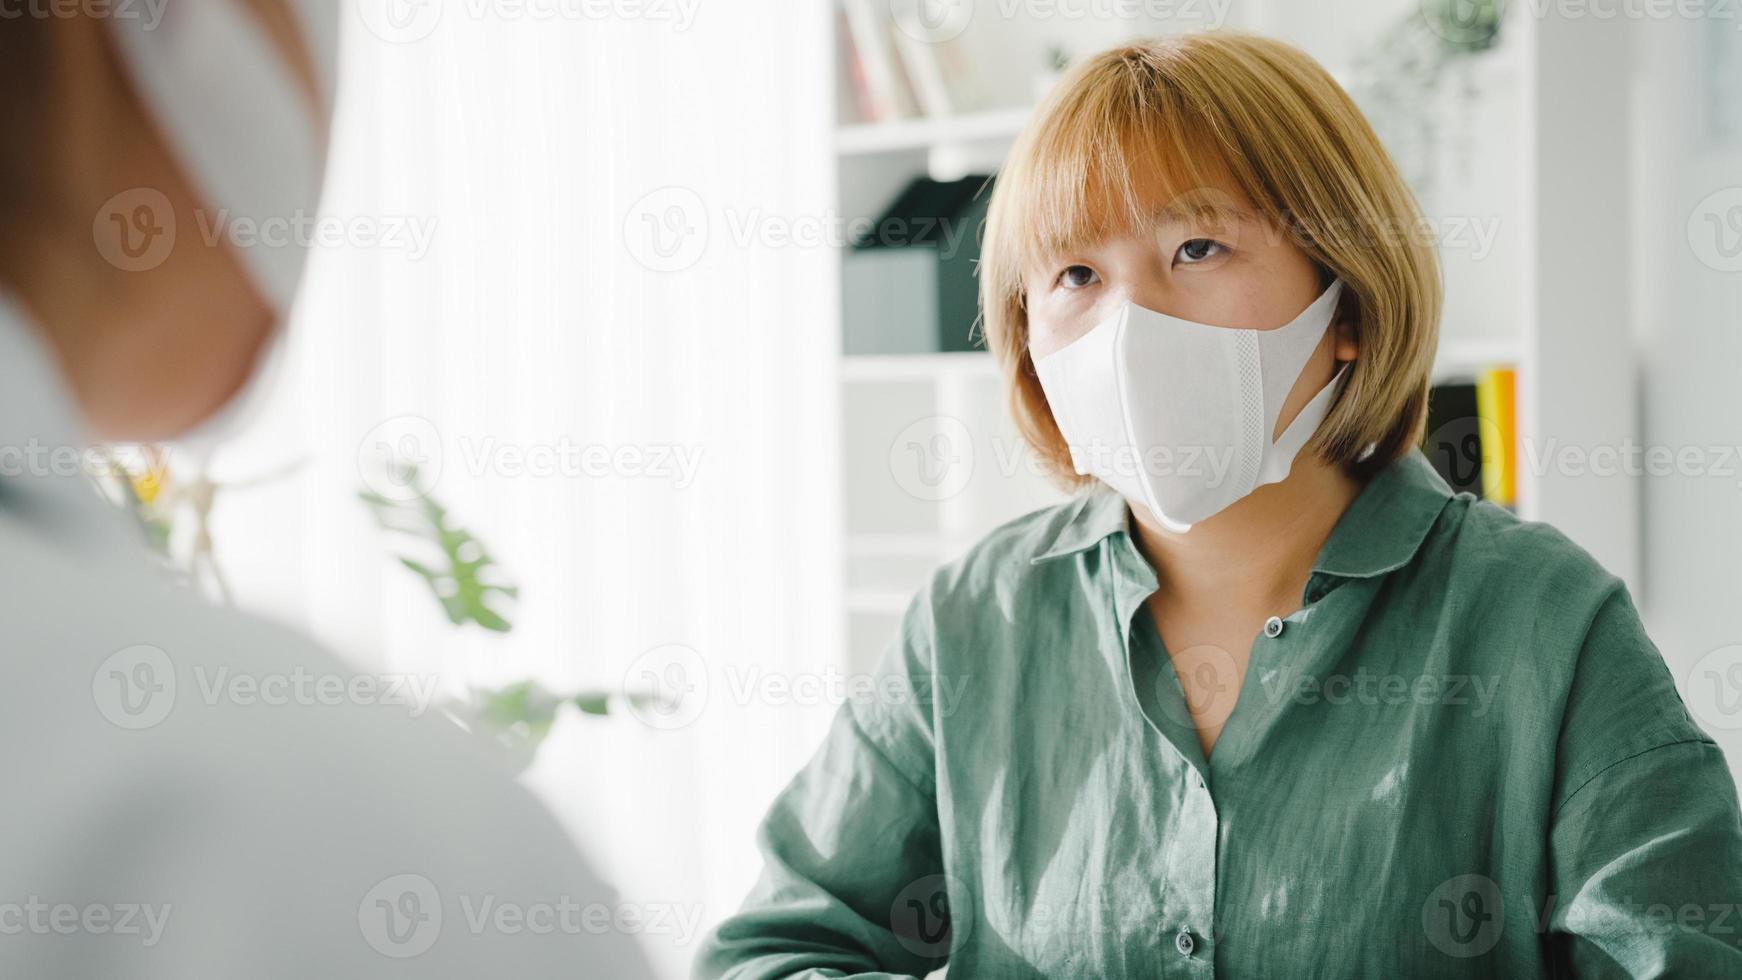 La joven doctora de Asia usa una máscara protectora usando el portapapeles está brindando una gran charla de noticias sobre los resultados o los síntomas con la paciente en la oficina del hospital. estilo de vida nuevo normal después del virus corona. foto